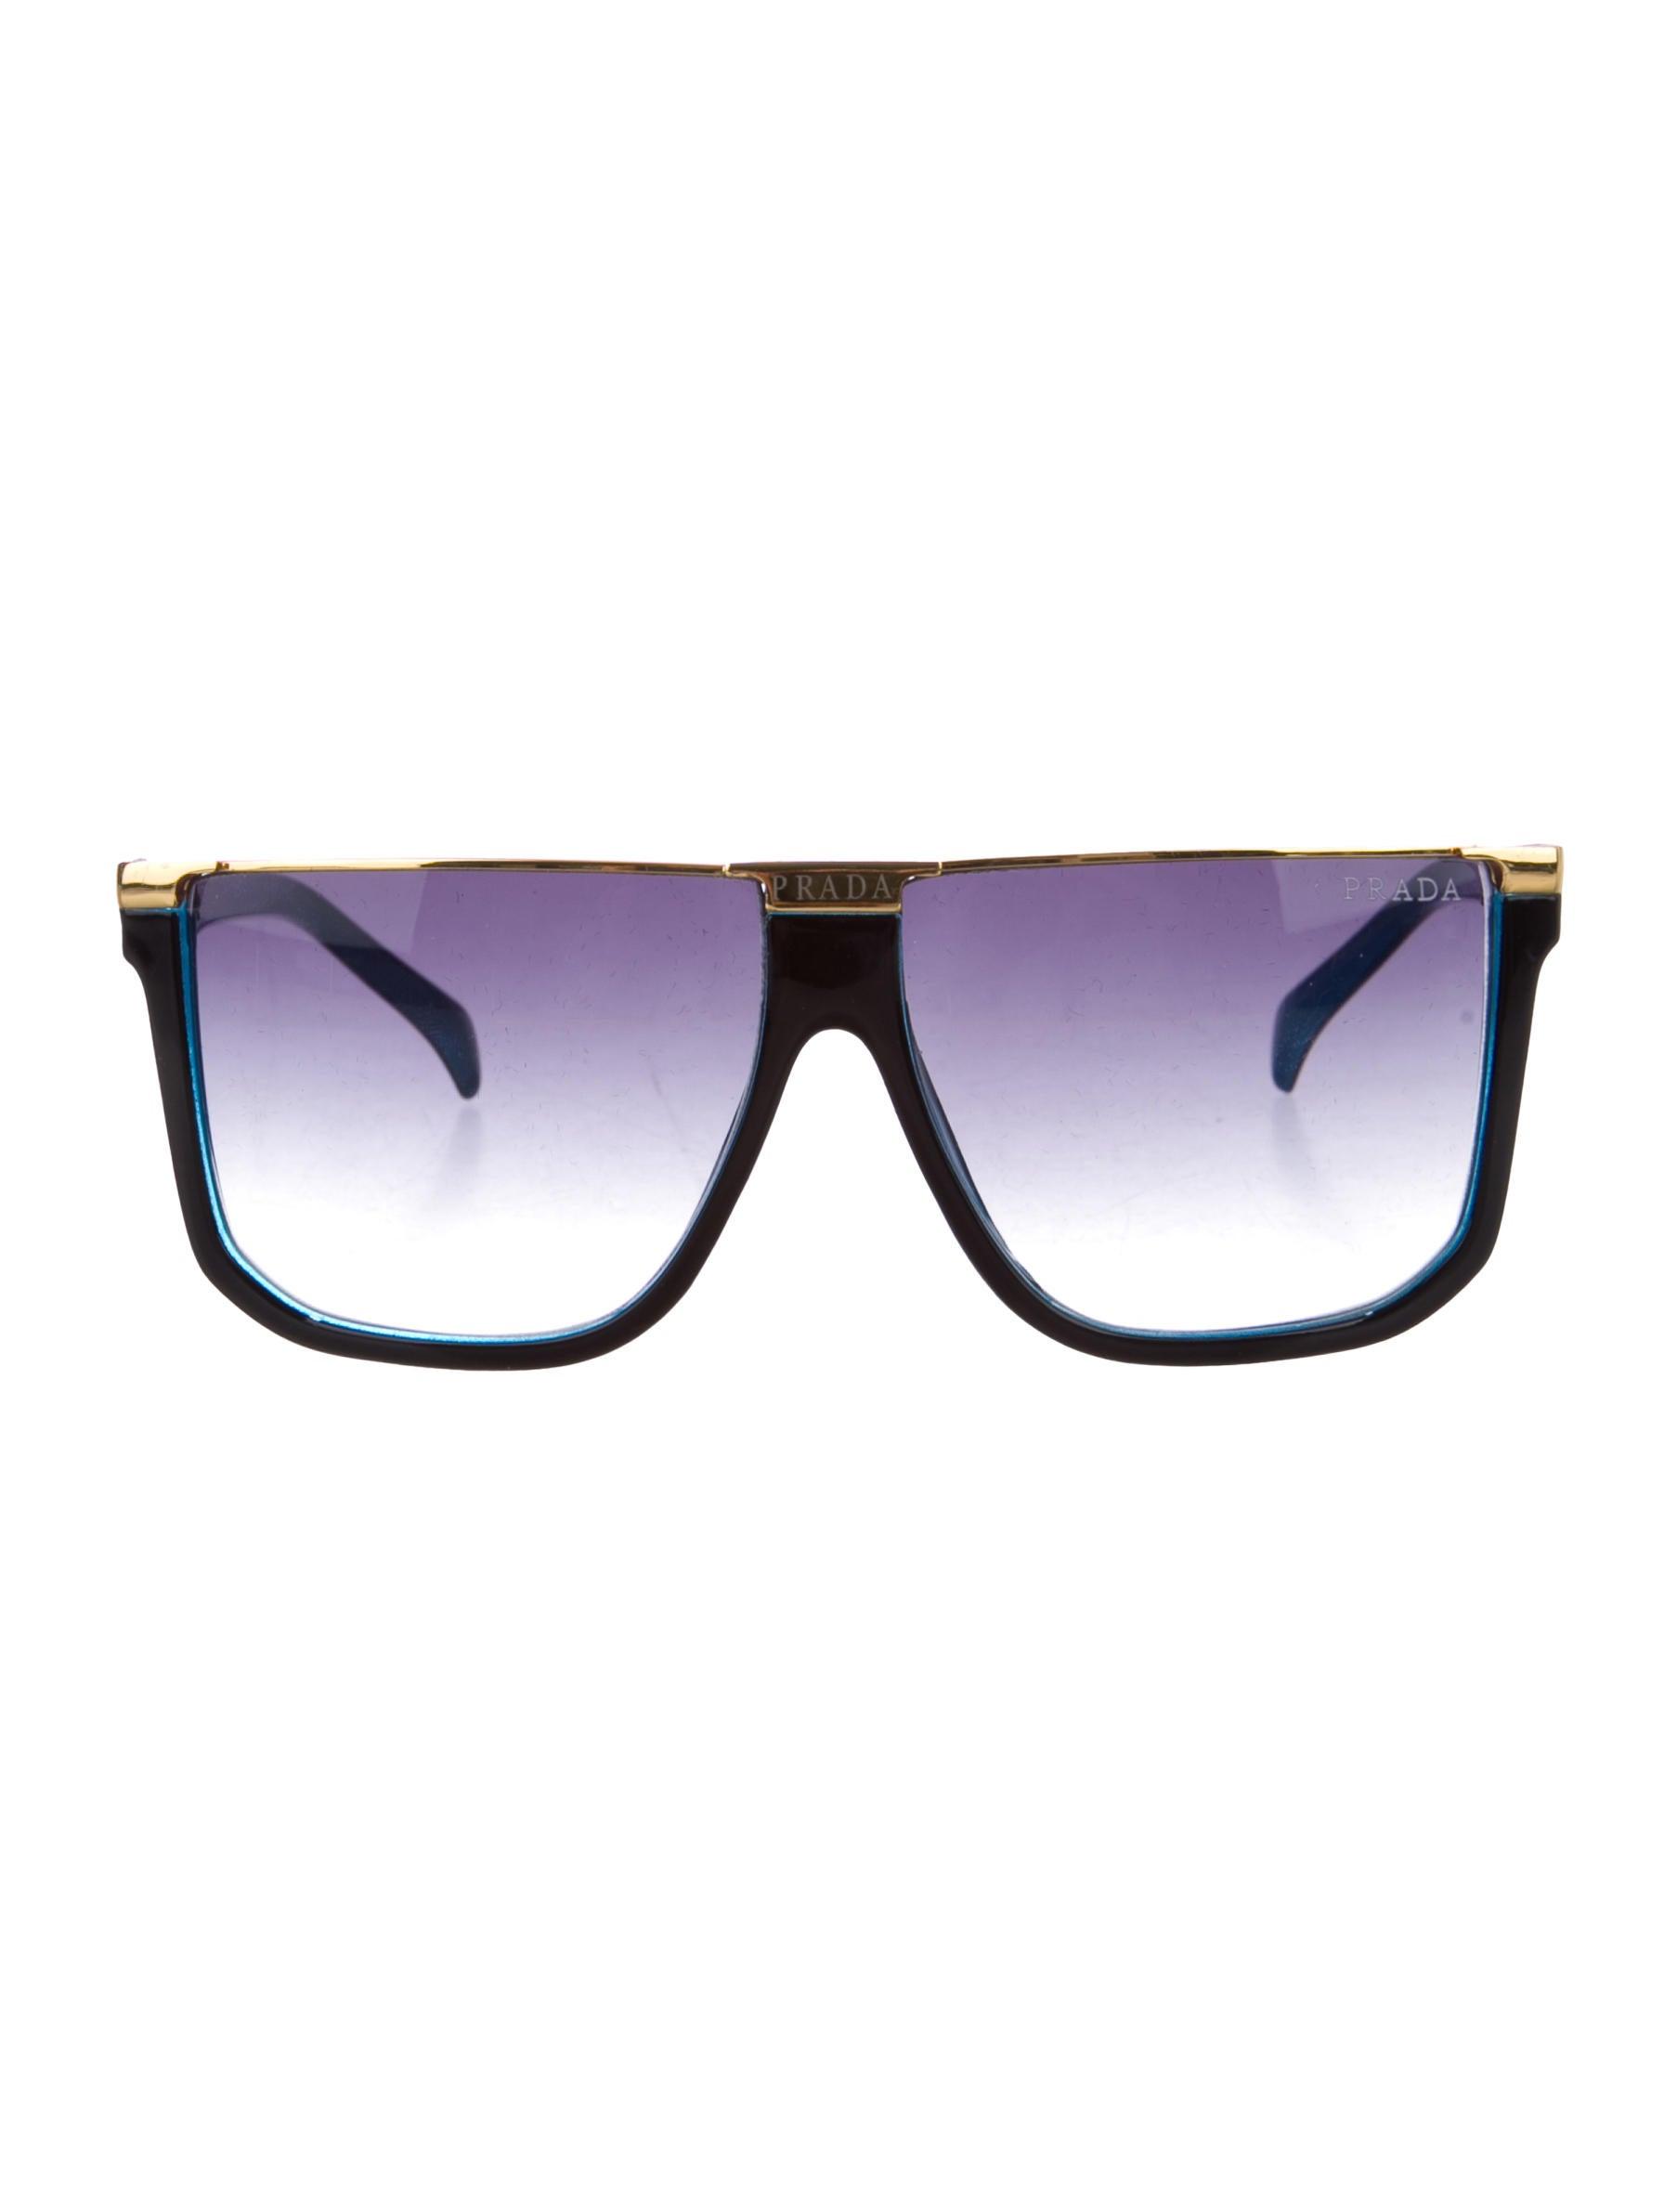 4a43602901 Prada Flat Top Sunglasses - Accessories - PRA91629